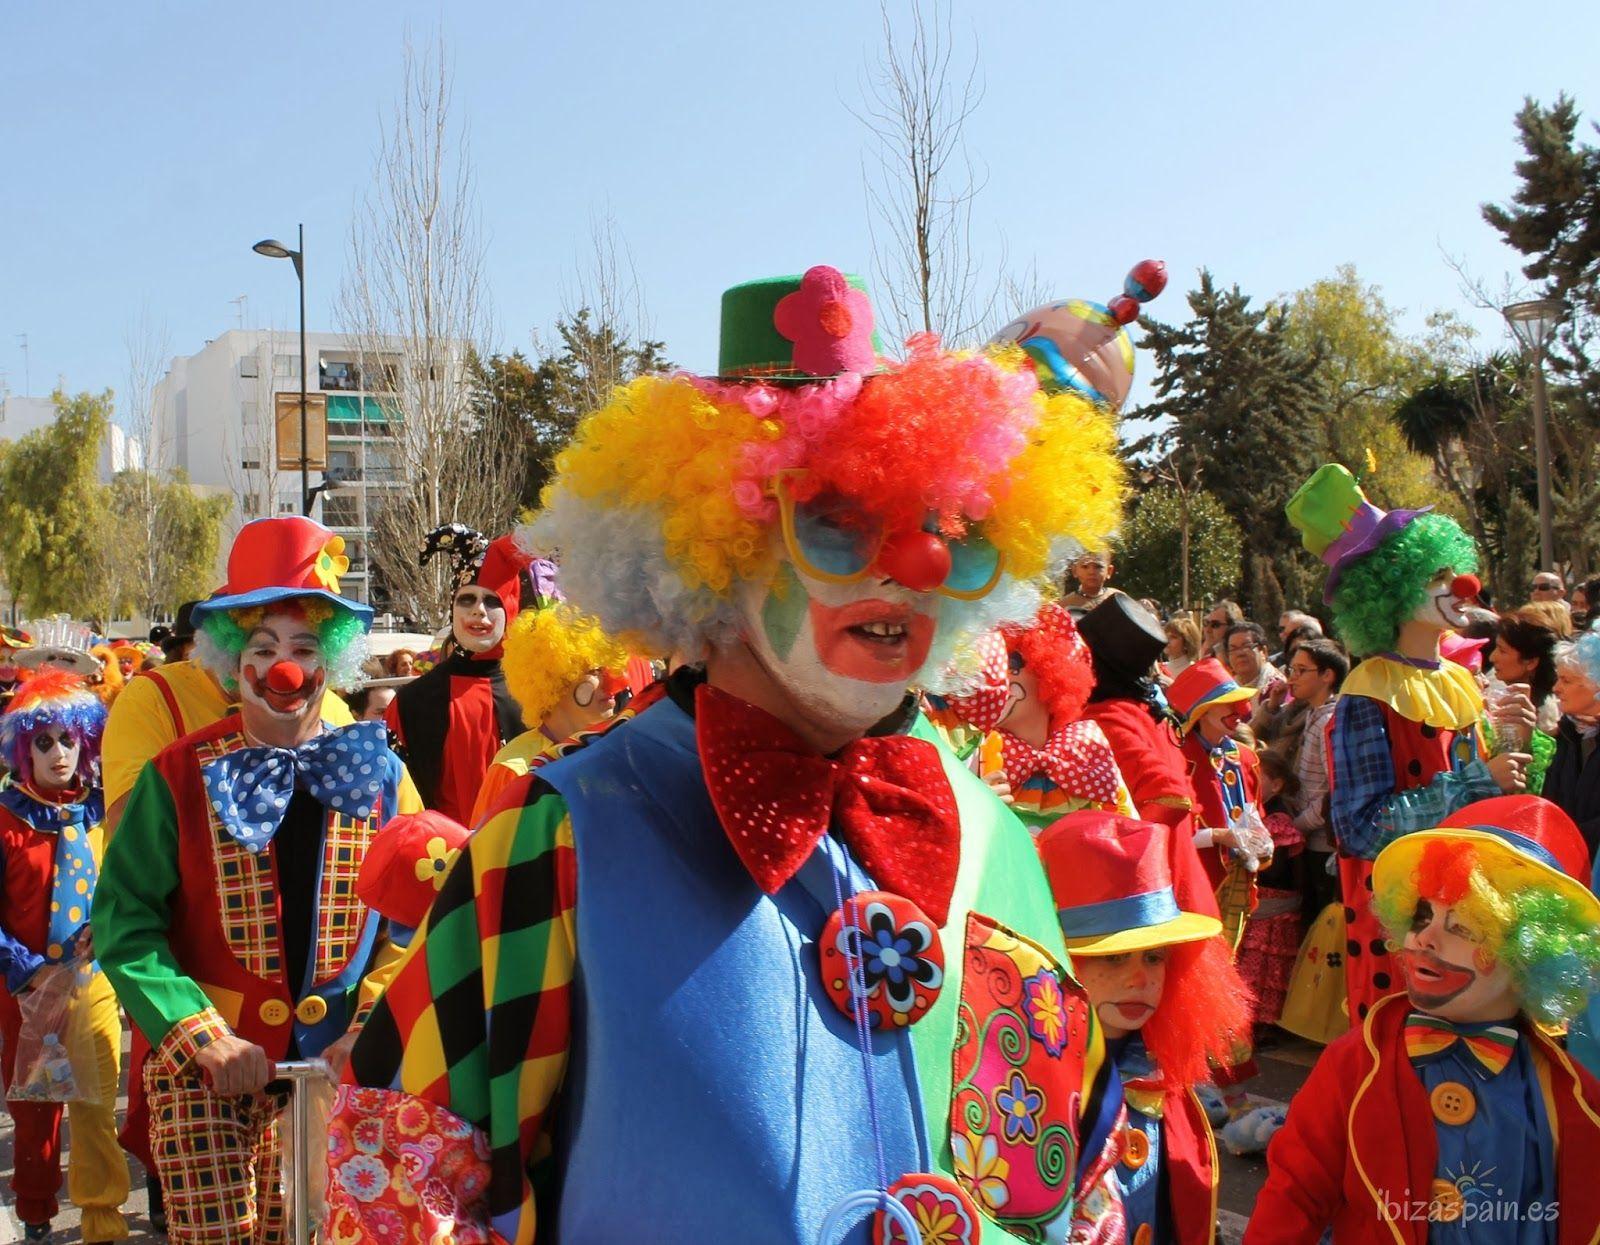 Rua de Carnaval Ibiza